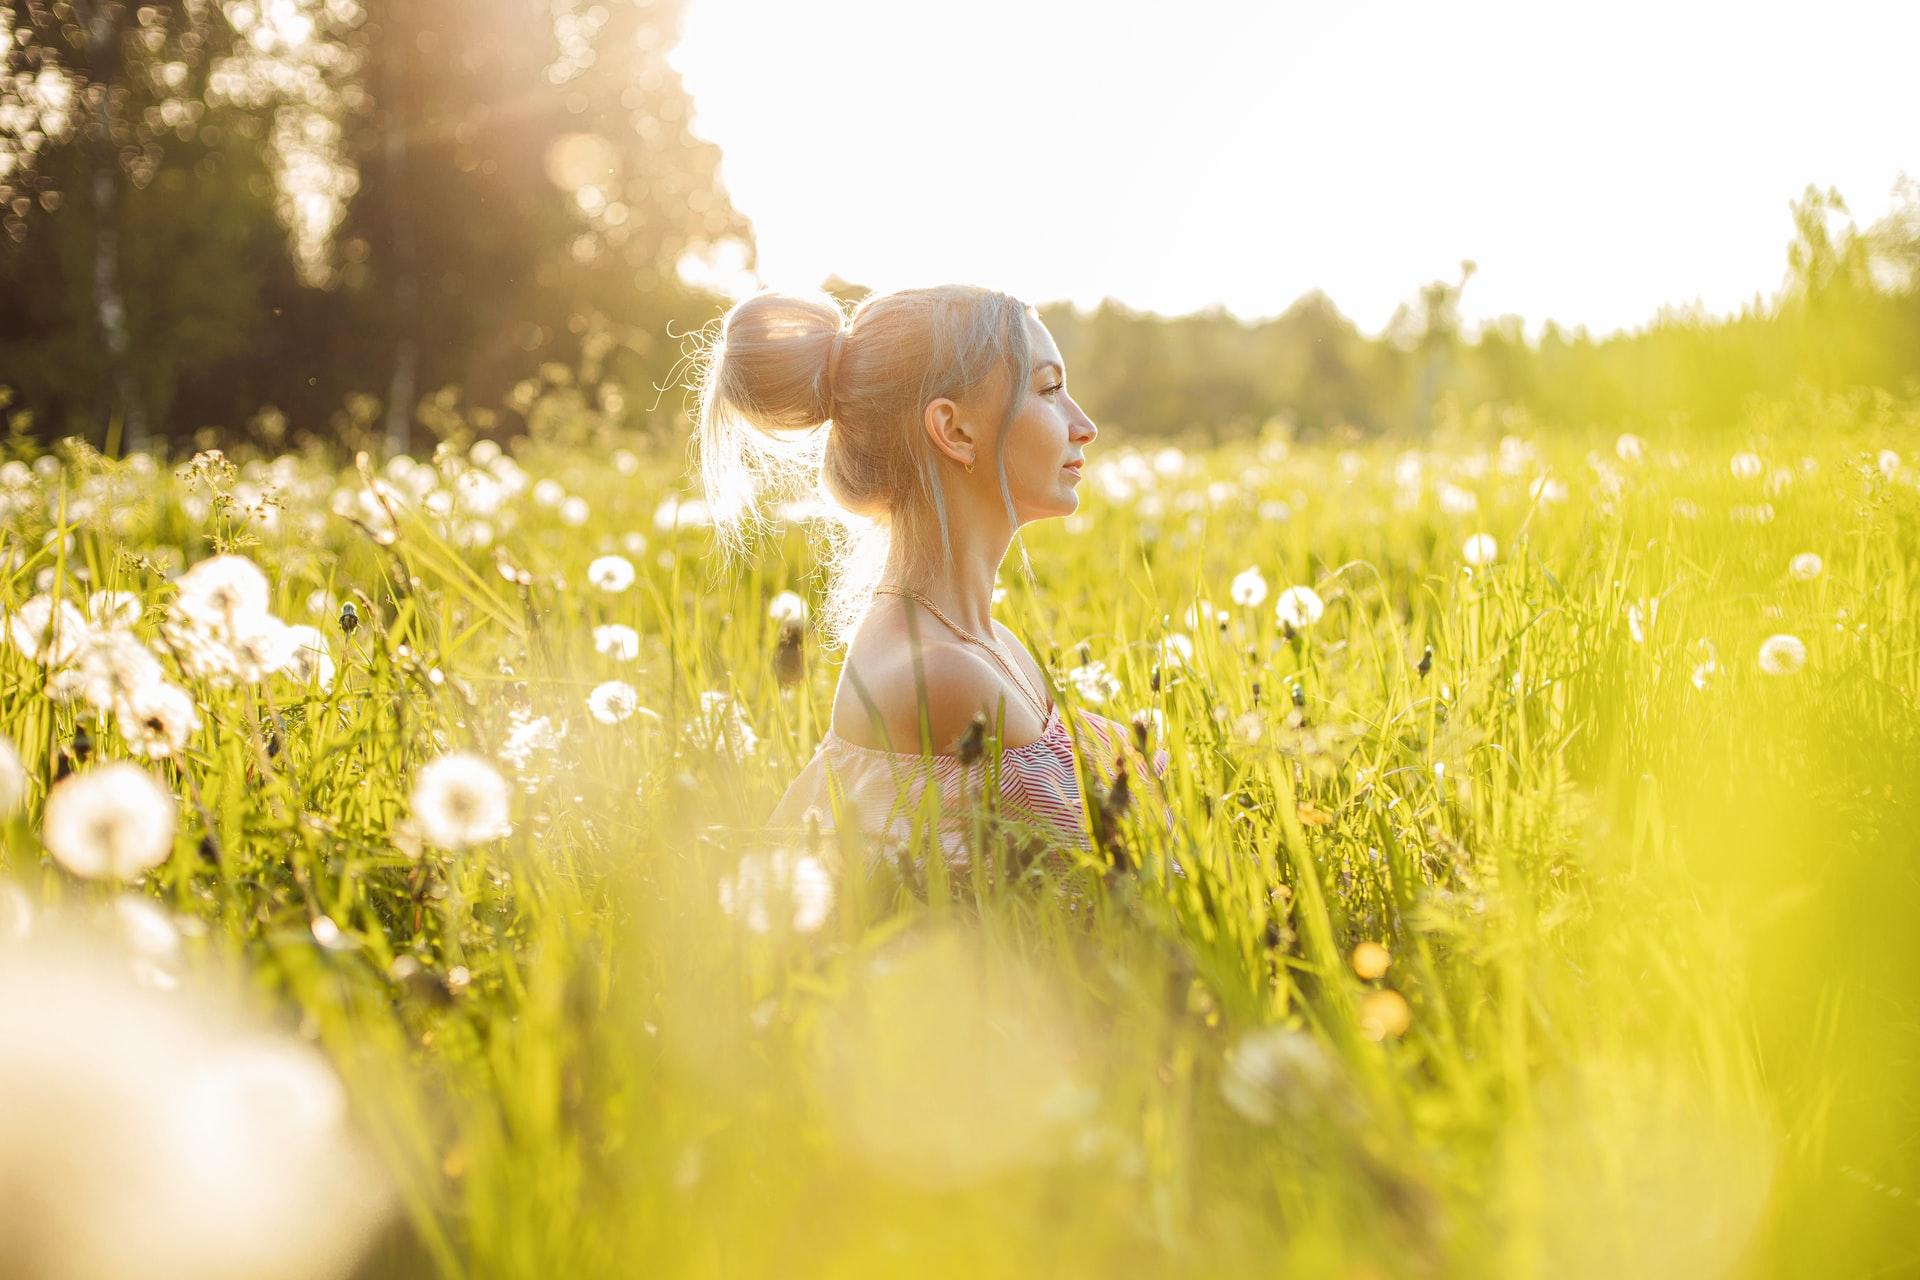 Proljeće donijelo probleme hroničnim bolesnicima: Po temperaturi se razlikuju alergija i korona